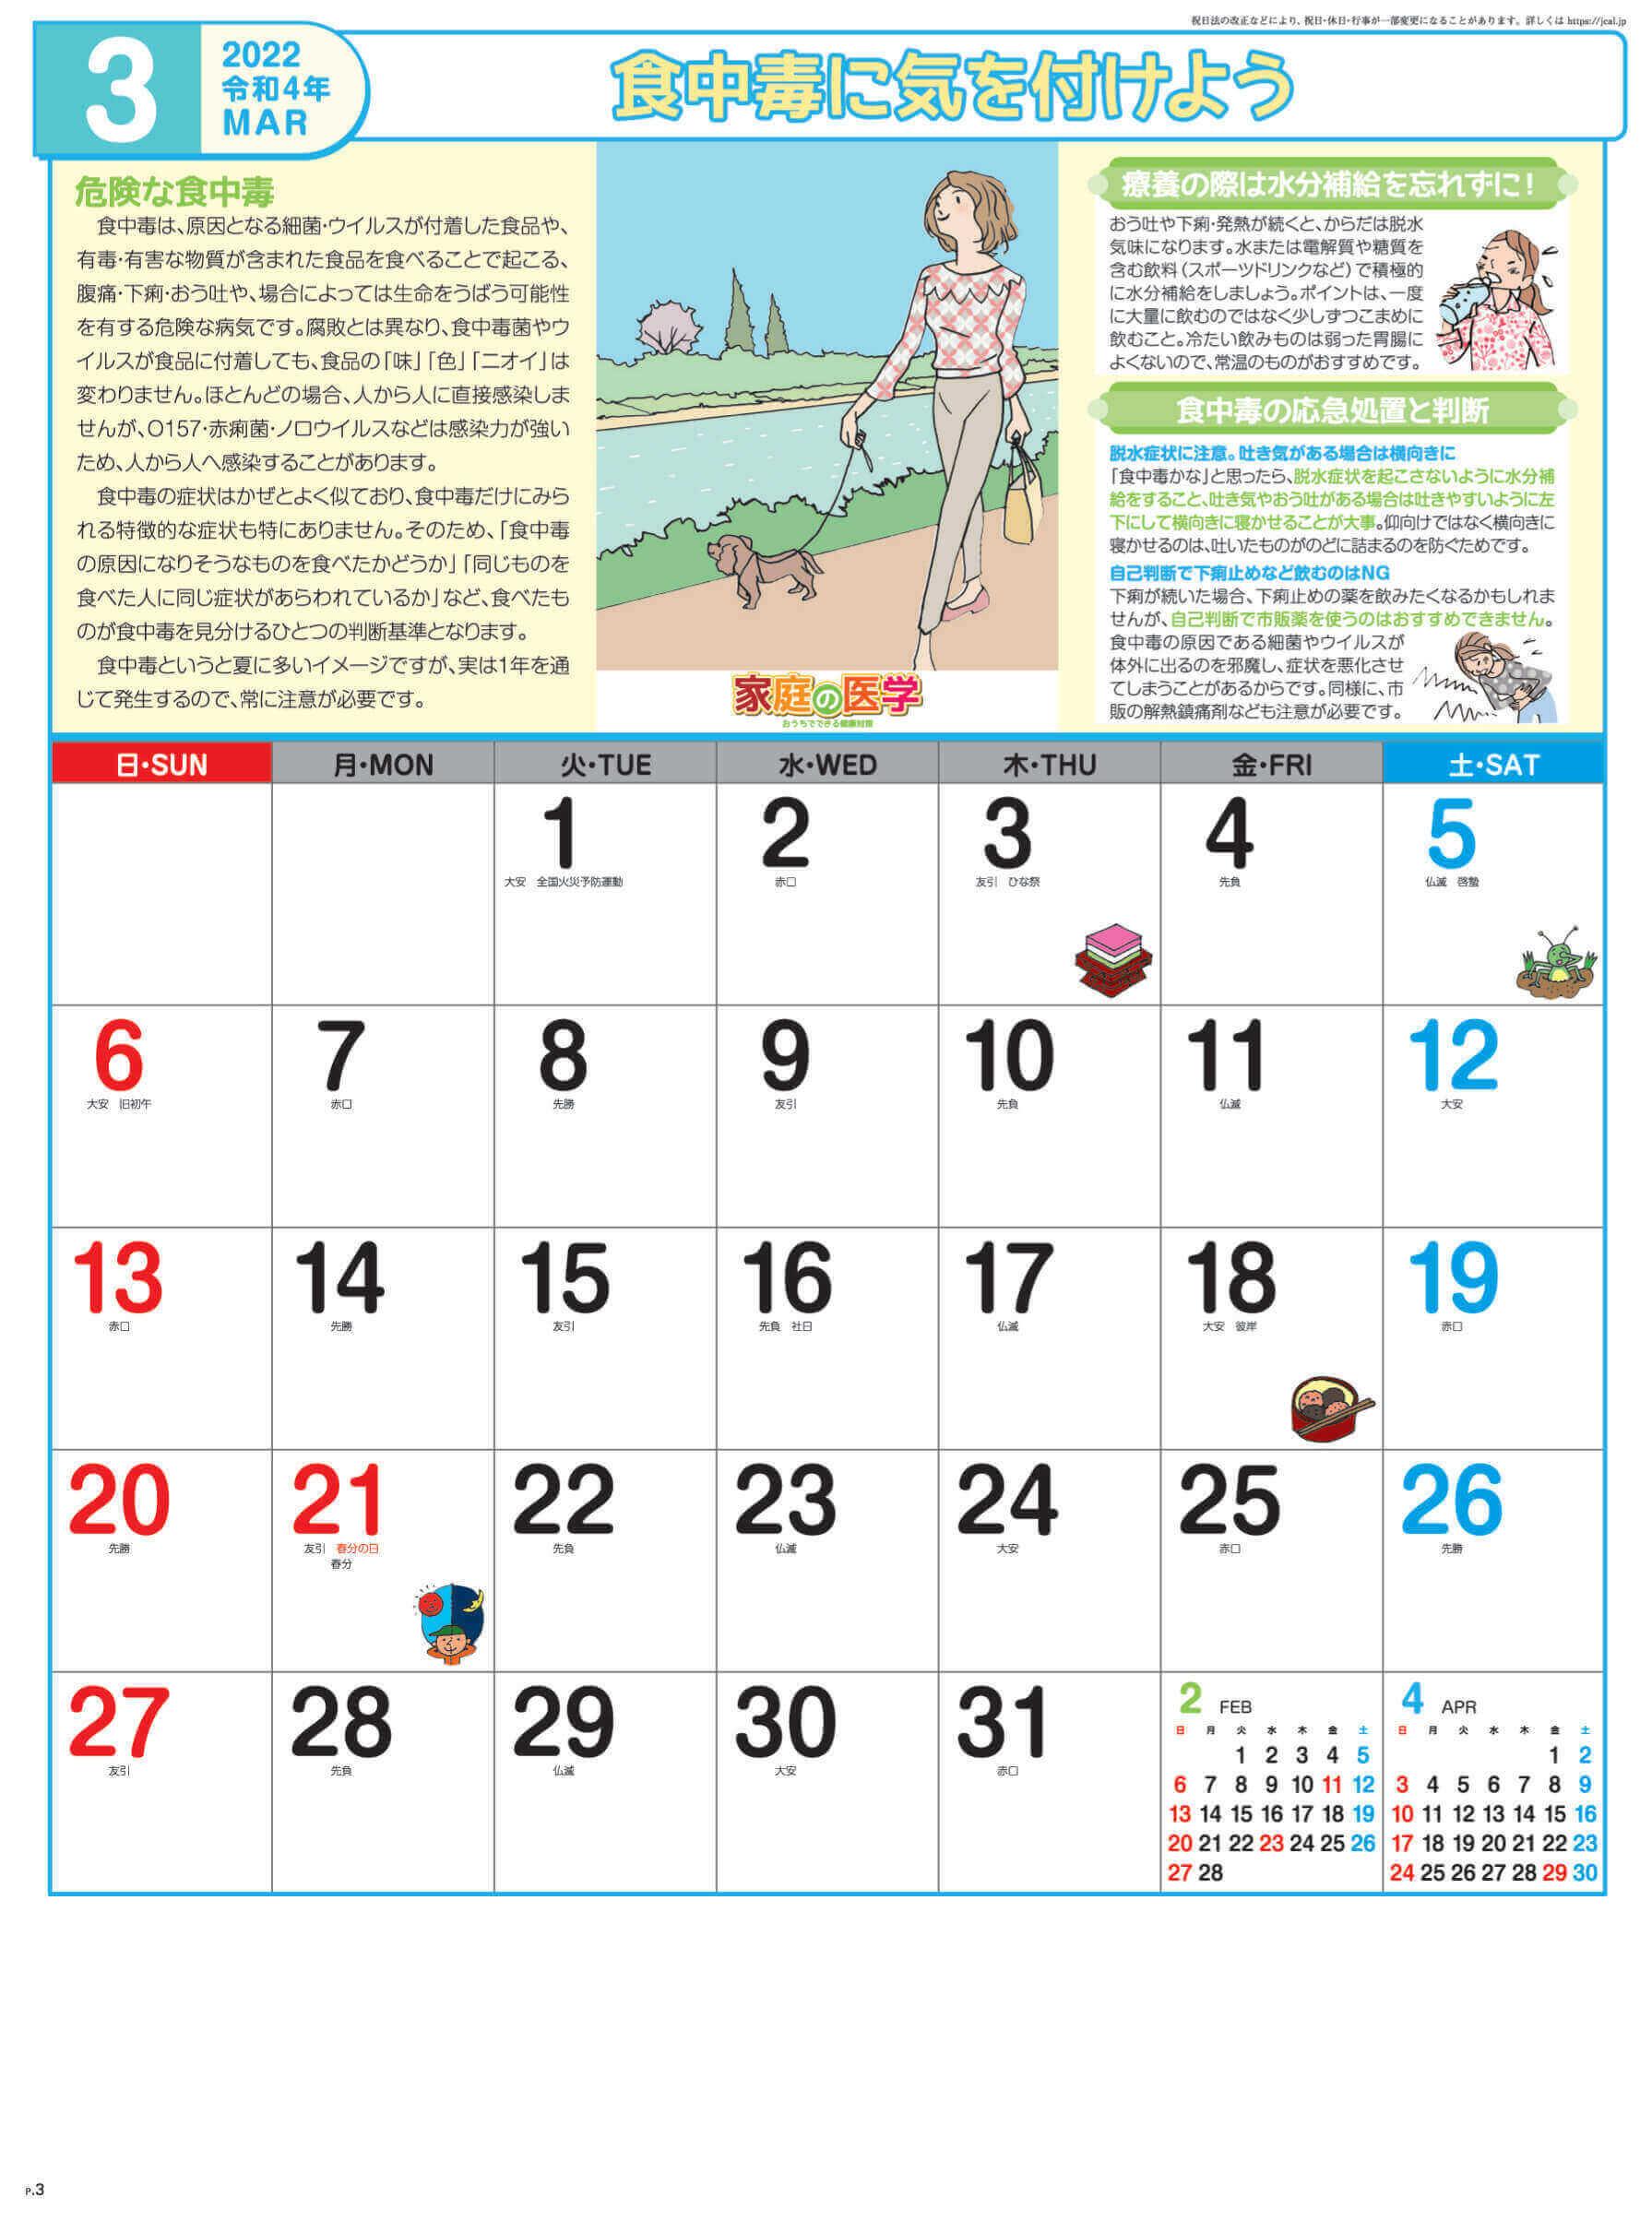 3月 食中毒に気を付けよう 家庭の医学 2022年カレンダーの画像